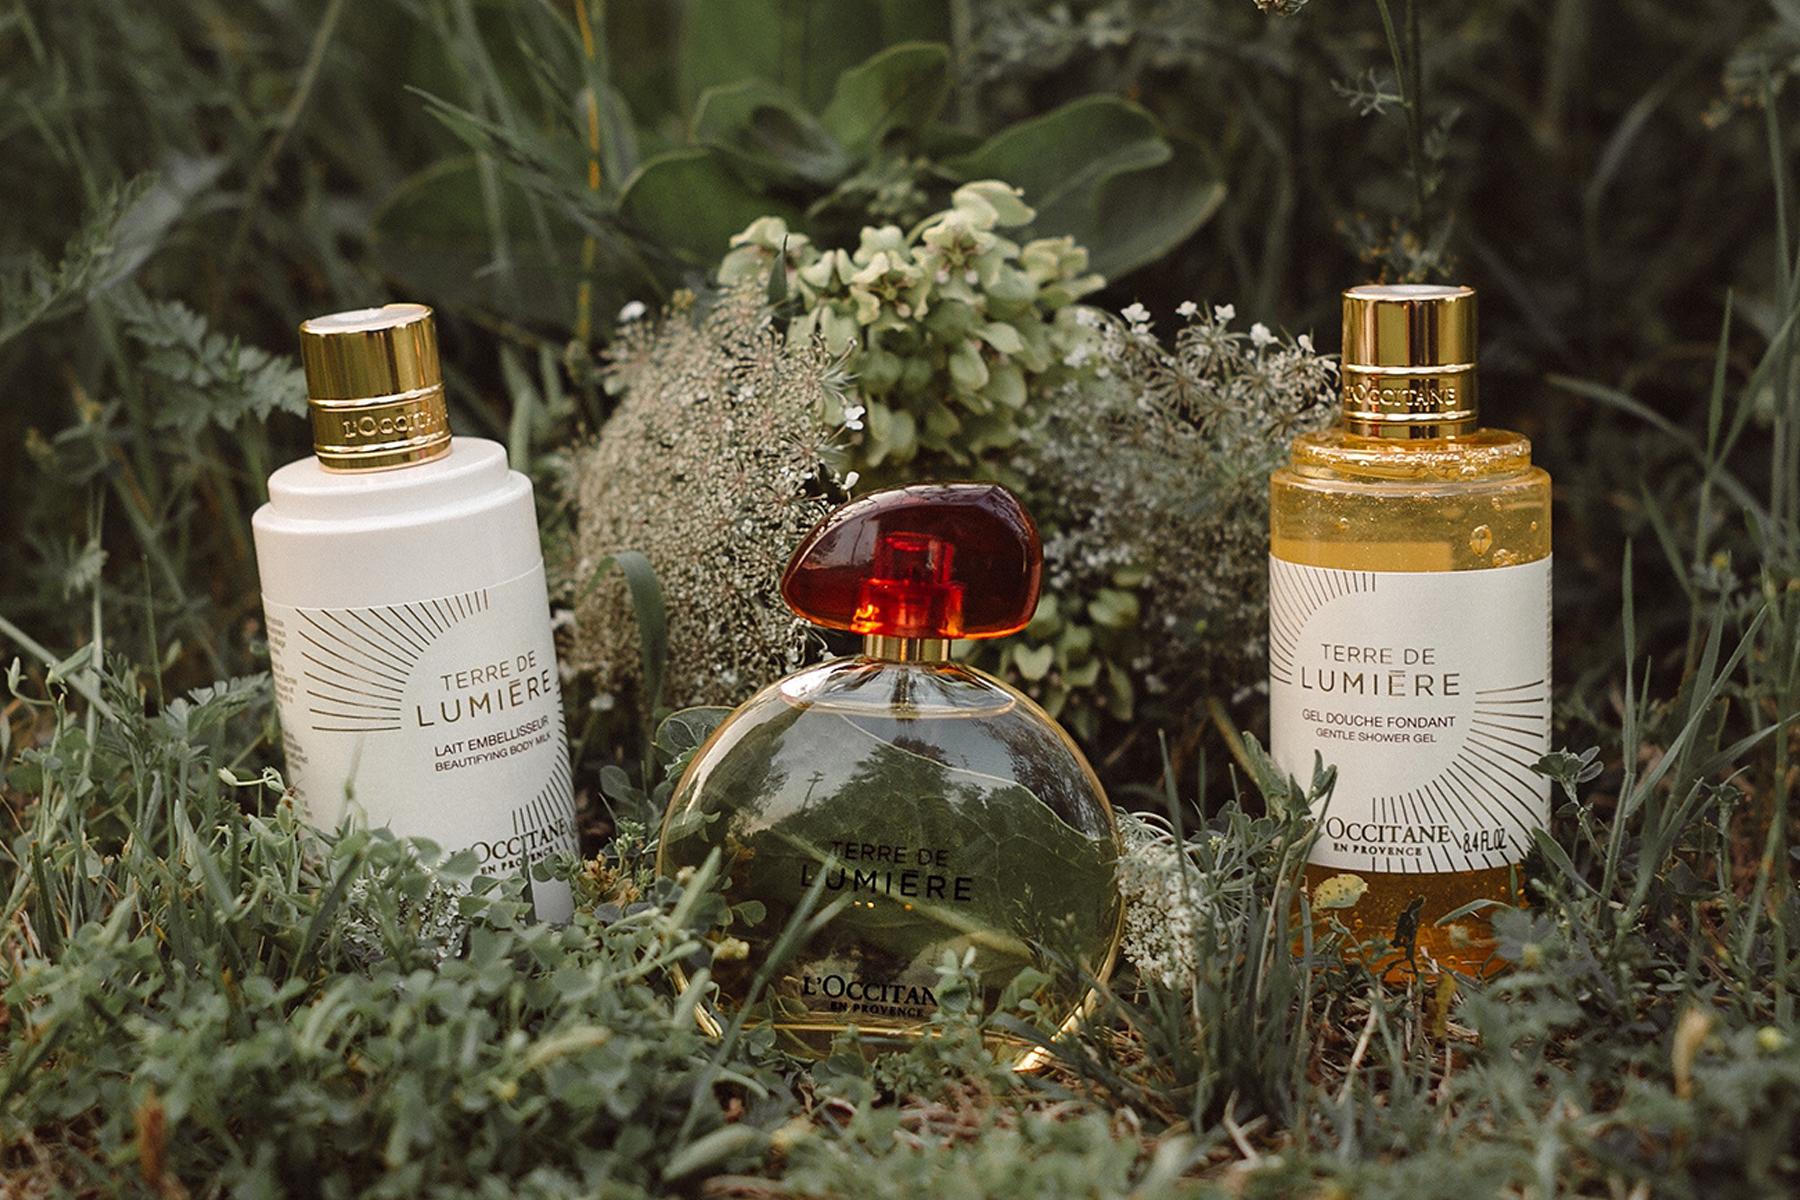 L'Occitane Terre de Lumiere Parfume, L'Occitane Terre de Lumiere Shower Gel, L'Occitane Terre de Lumiere Body Lotion